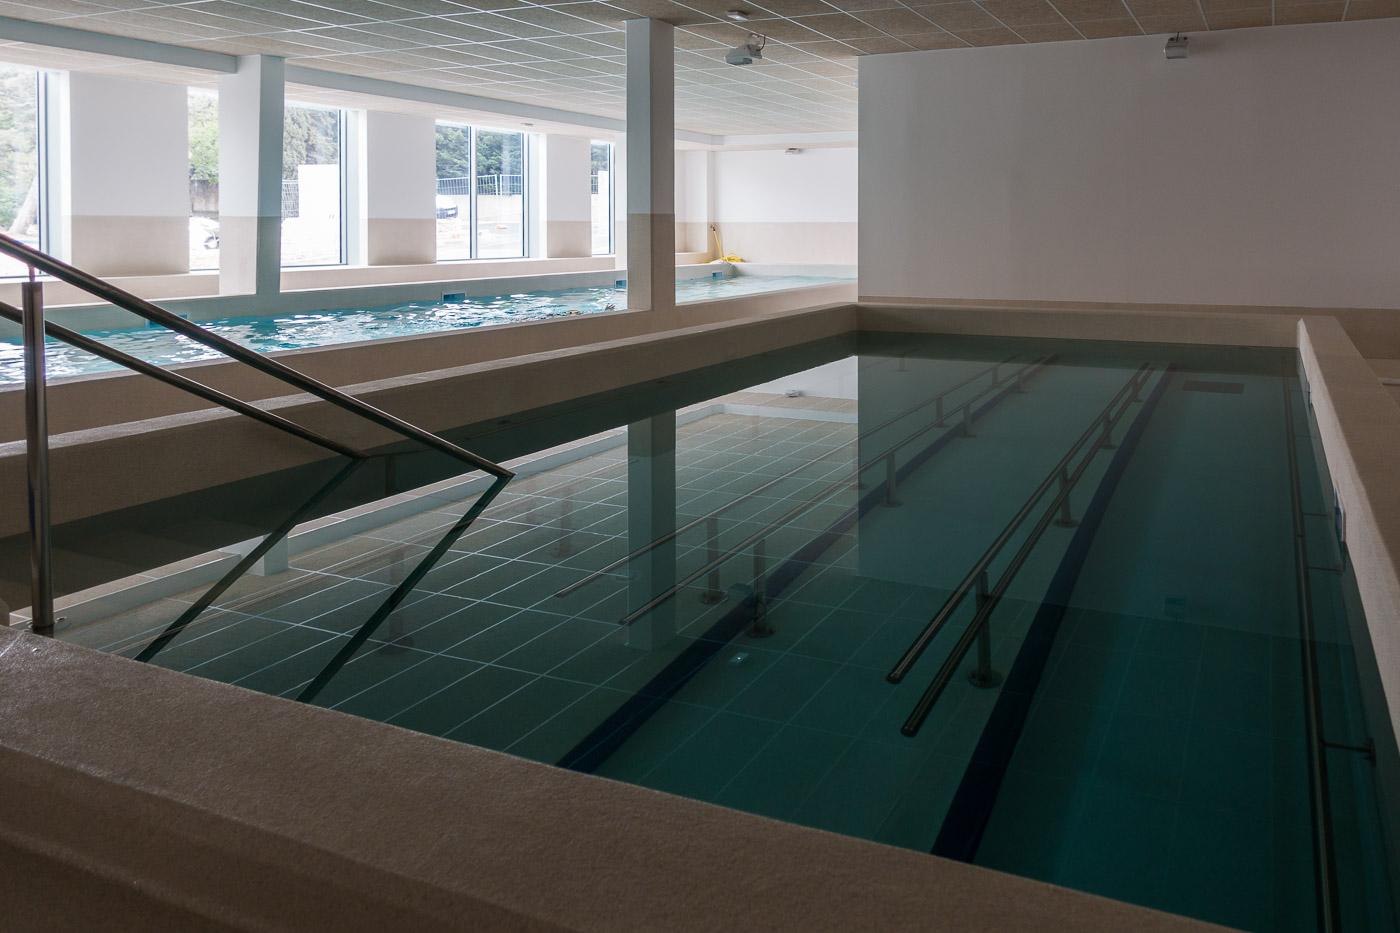 Club handisport valmantais dans l 39 eau tous gaux for Club piscine shawinigan sud